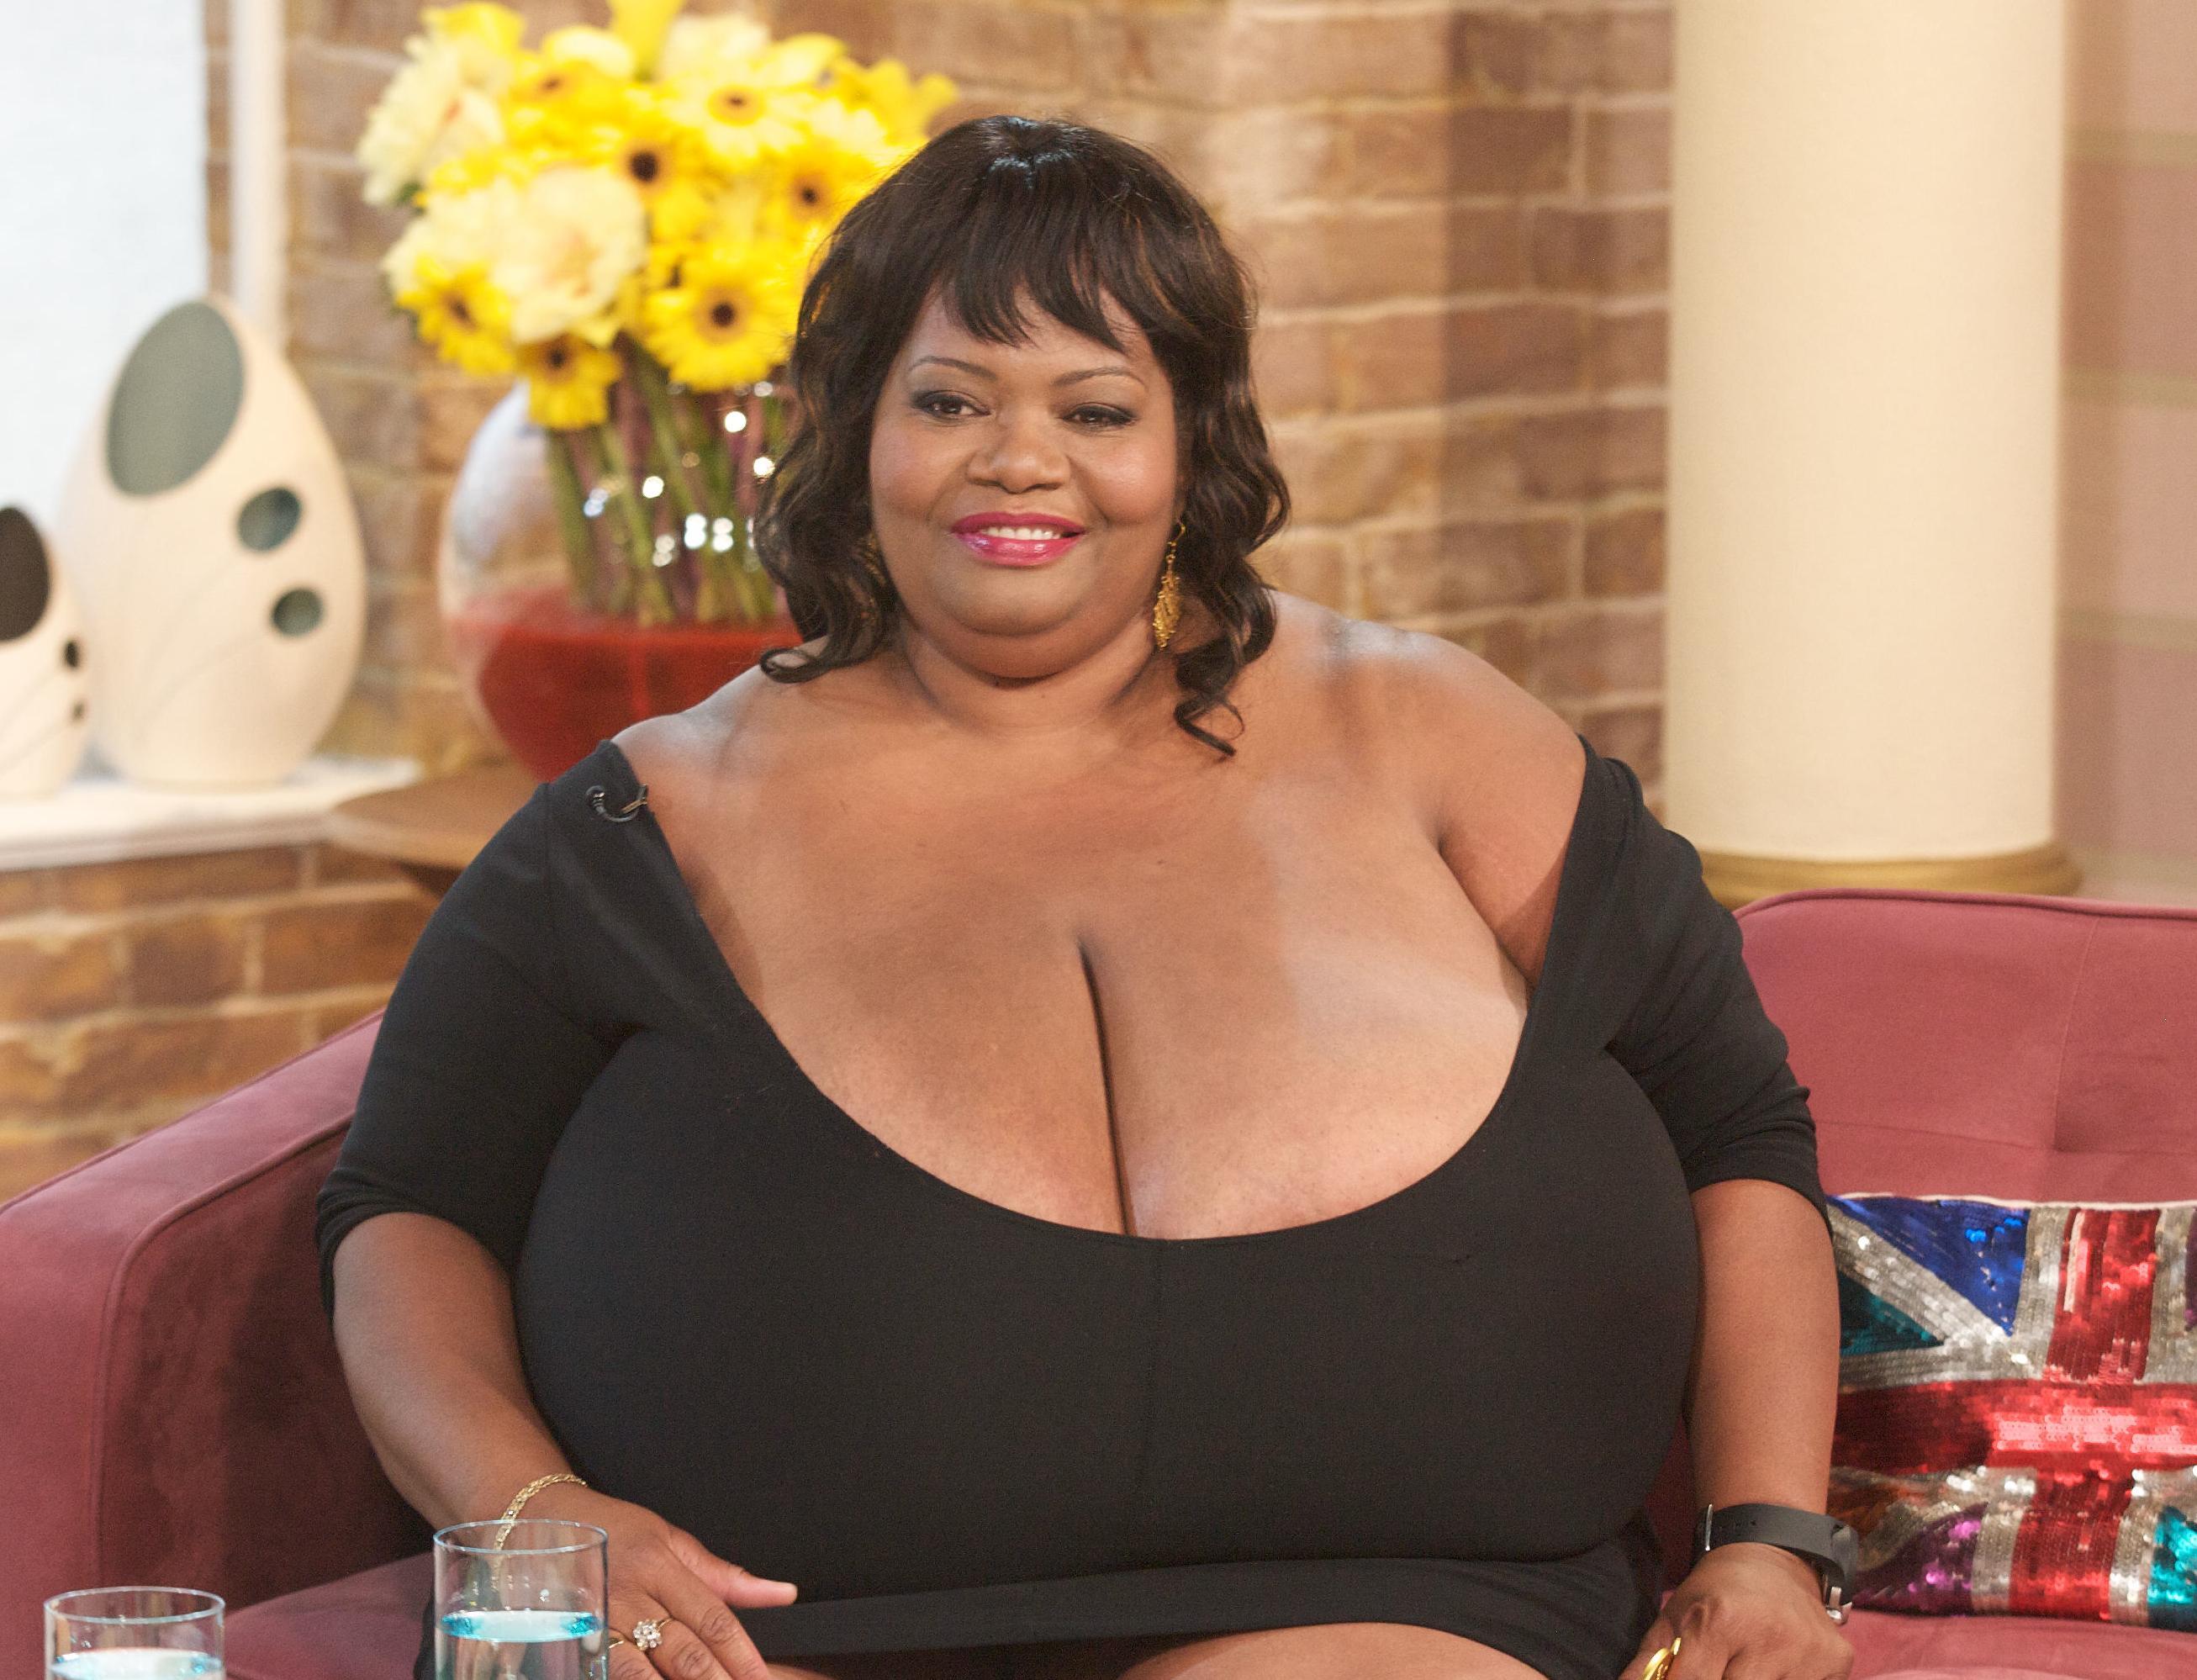 можете совершенно огромный размеры груди вообще, хочу